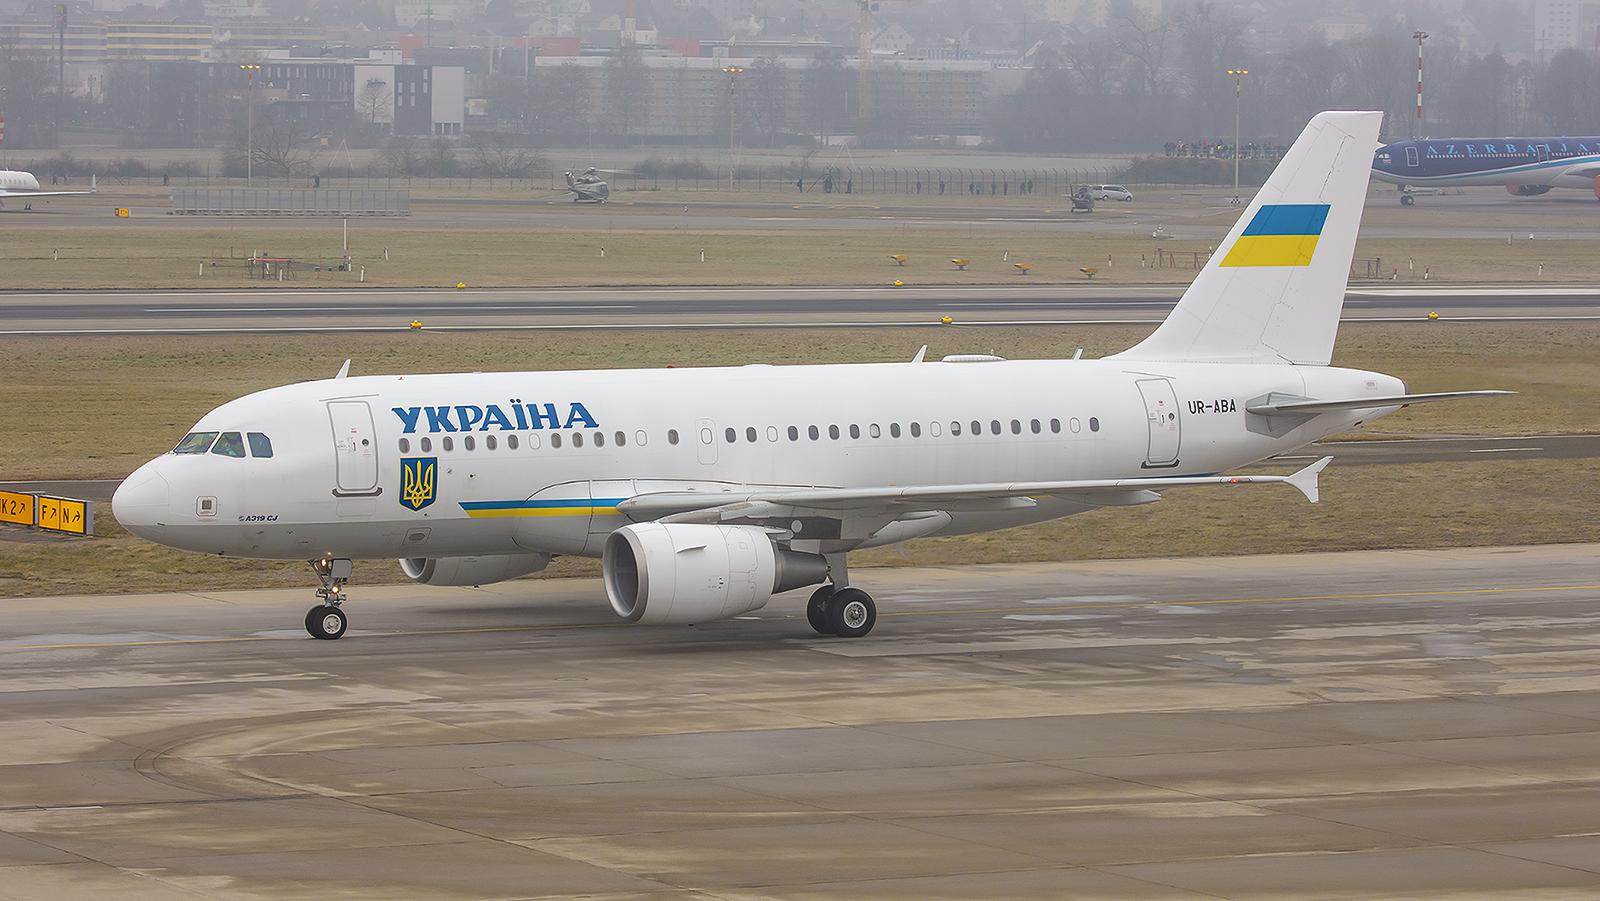 UR-ABA, Airbus A-319CJ der Regierung der Ukraine.